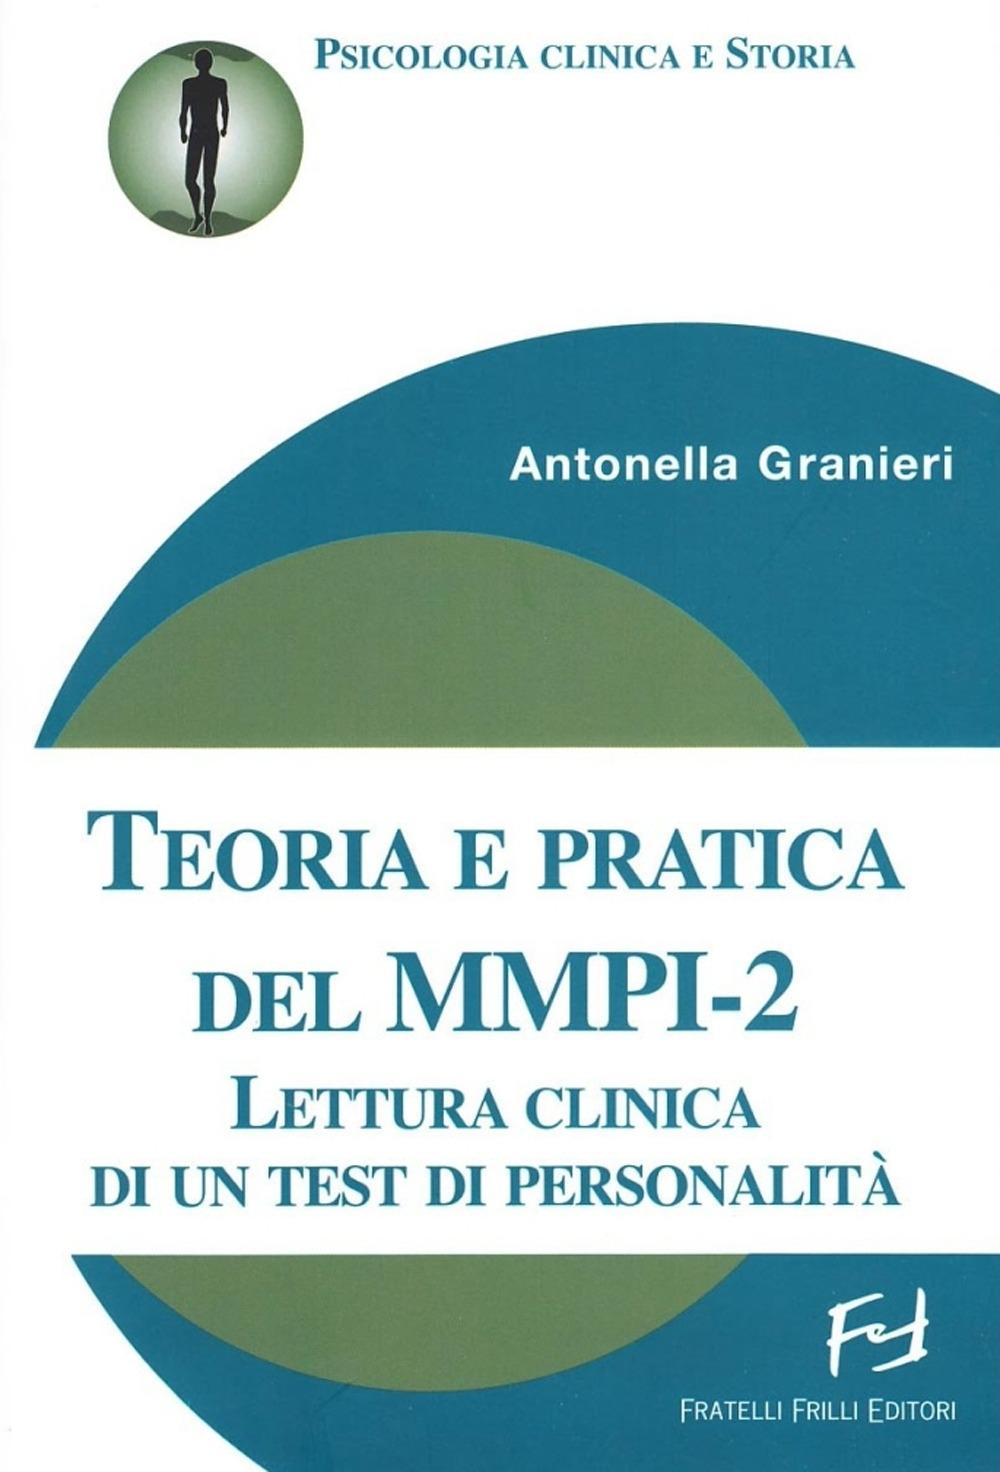 Teoria e pratica del MMPI-2. Lettura clinica di un test di personalità